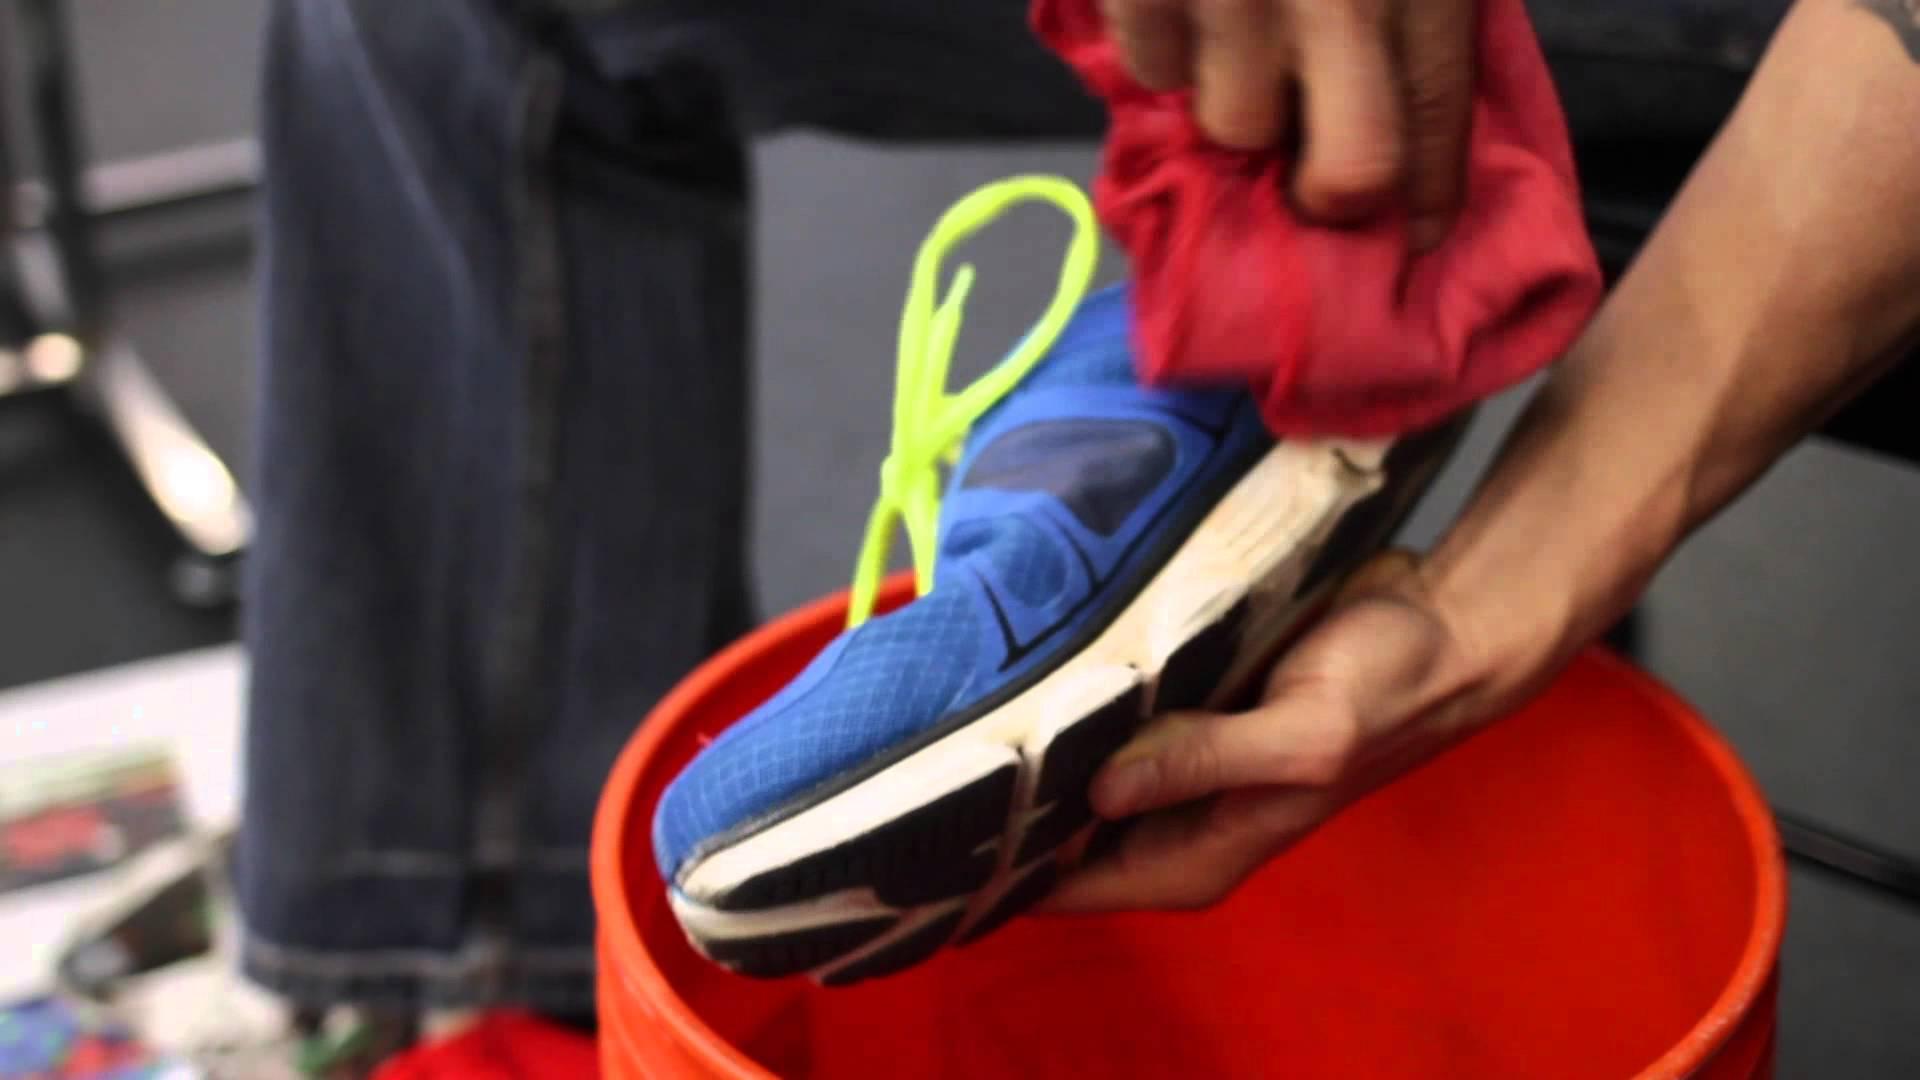 Иногда вместо стирки достаточно просто протереть обувь мягкой тряпкой и смазать обувным кремом